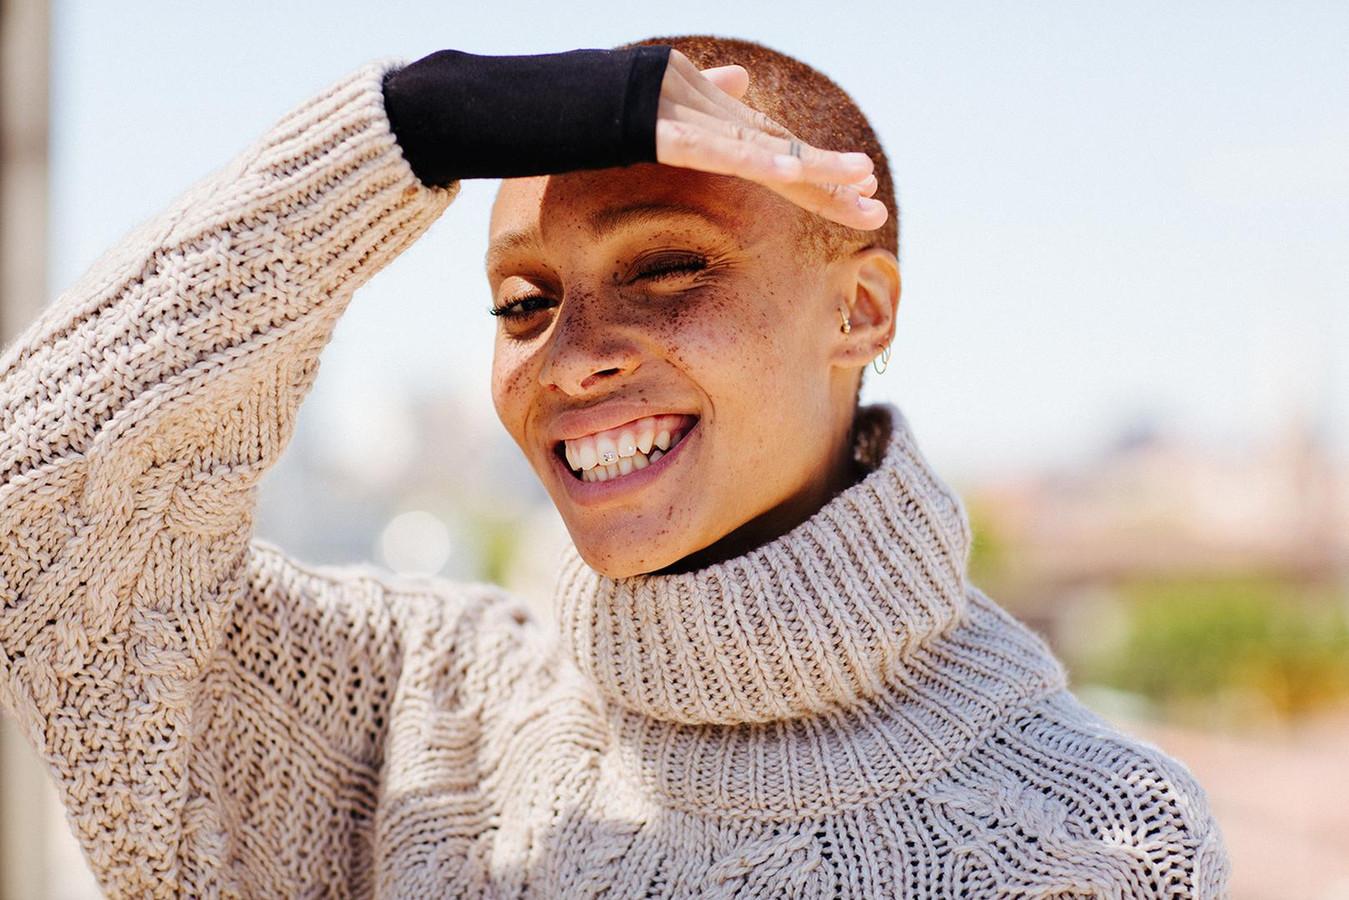 Adwoa Aboah hier in een campagne voor kledingketen H&M.